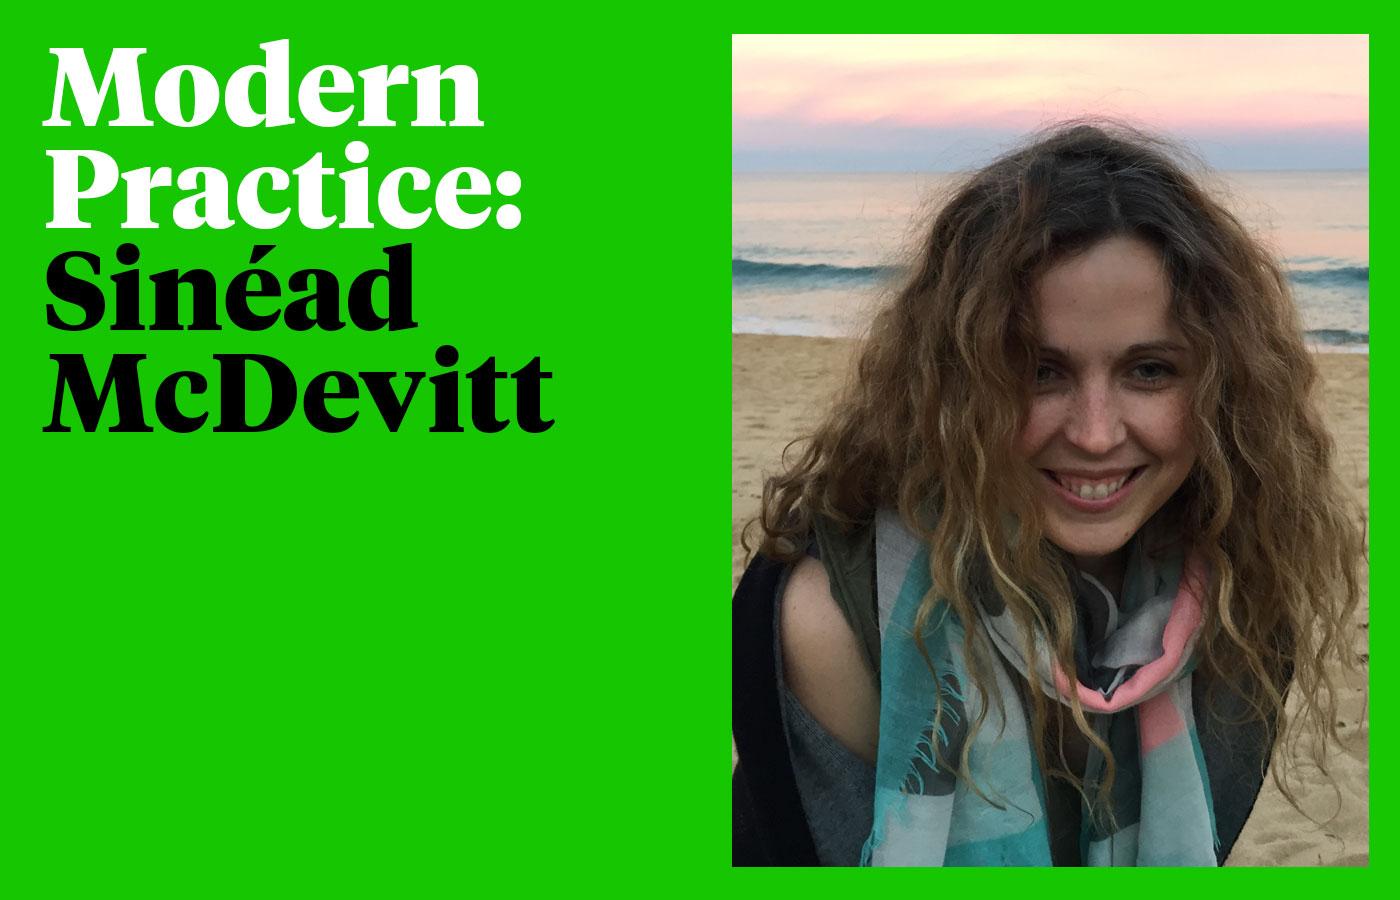 Cover image: Sinéad McDevitt